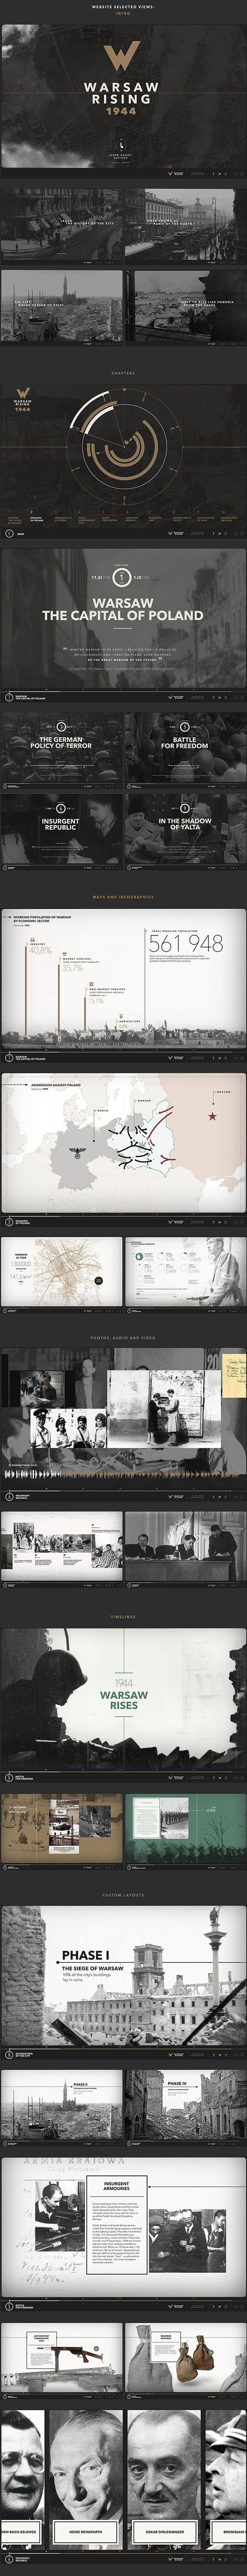 Warsaw Rising on Behance — Designspiration